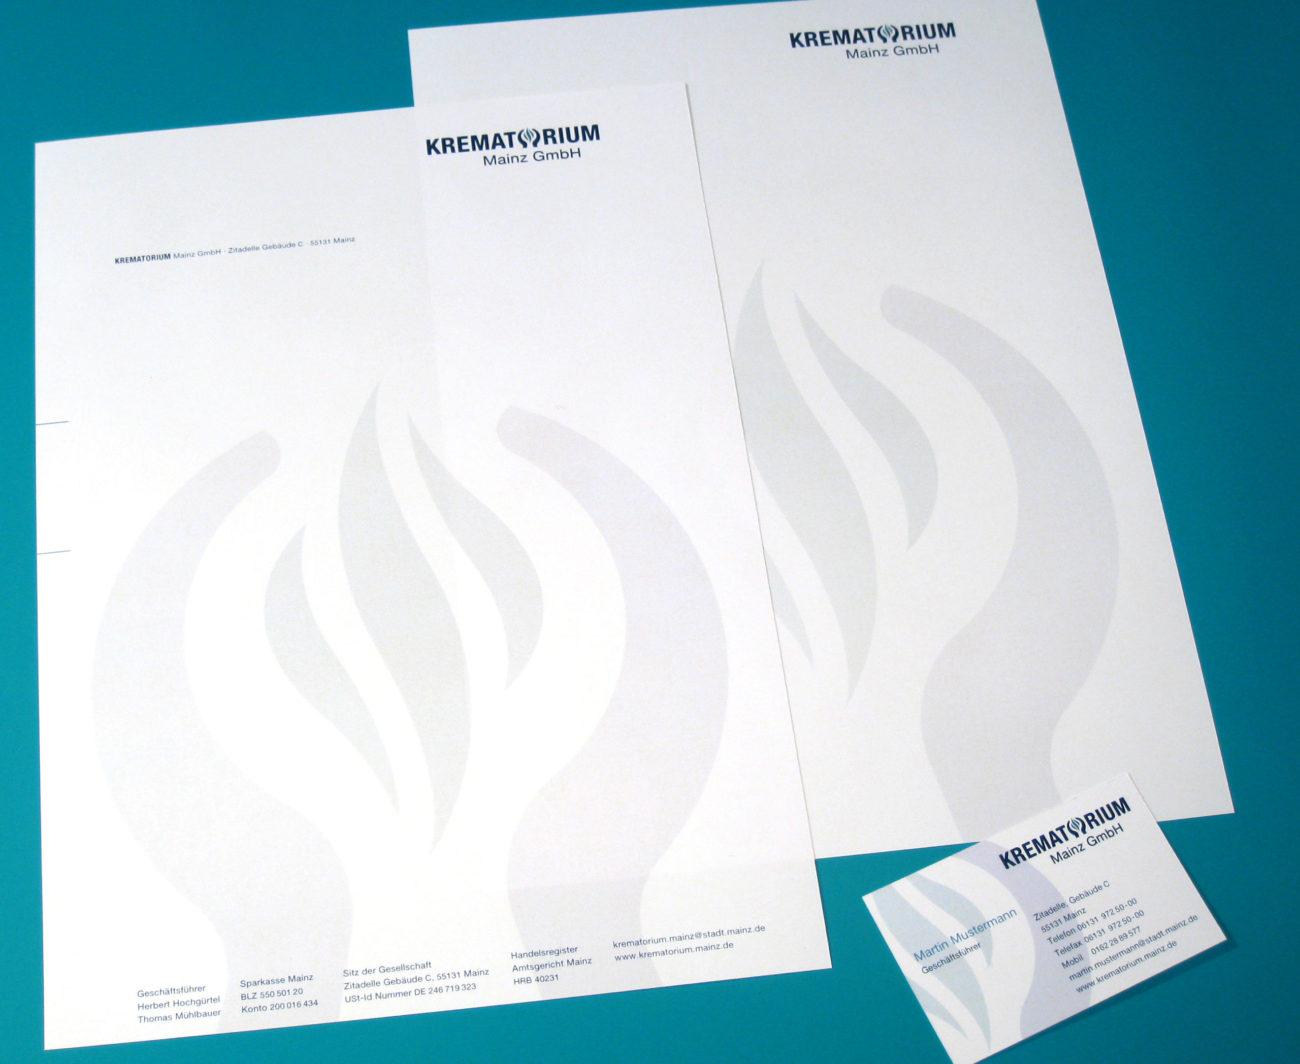 Briefbogen-Design für das Krematorium in Mainz